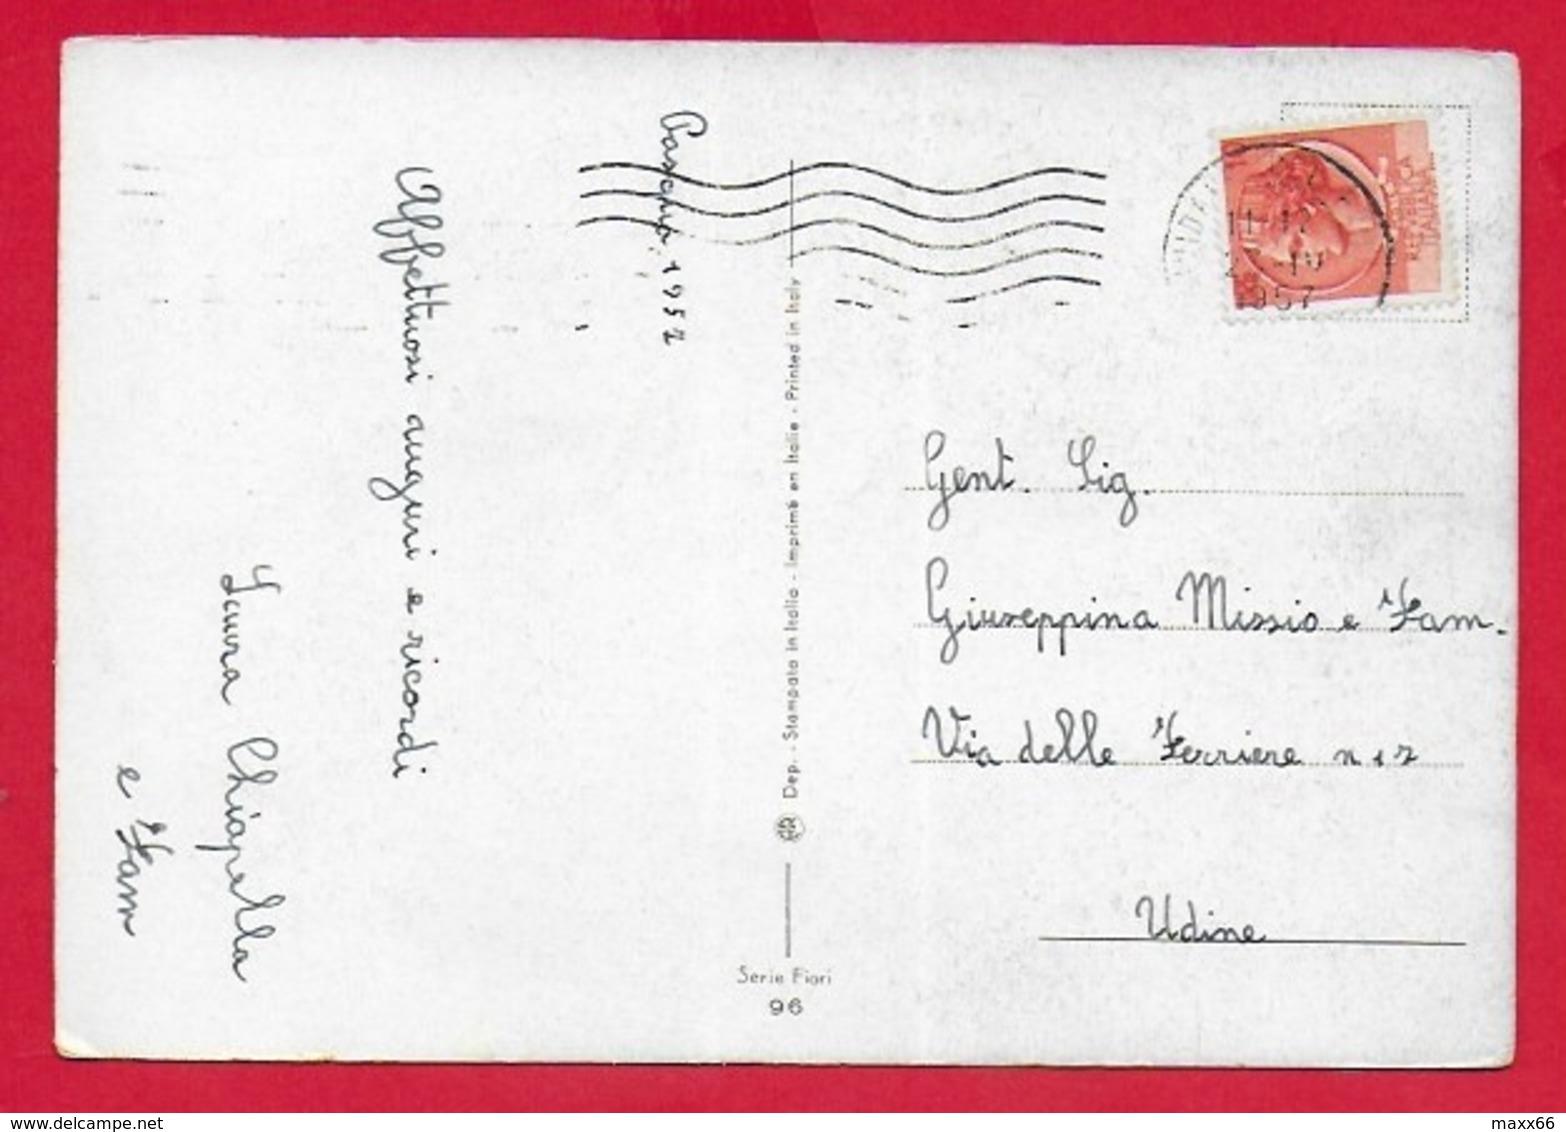 CARTOLINA VG ITALIA - BUONA PASQUA - Cristo Pastore - AR 96 Serie Fiori - 10 X 15 - 1952 - Pasqua